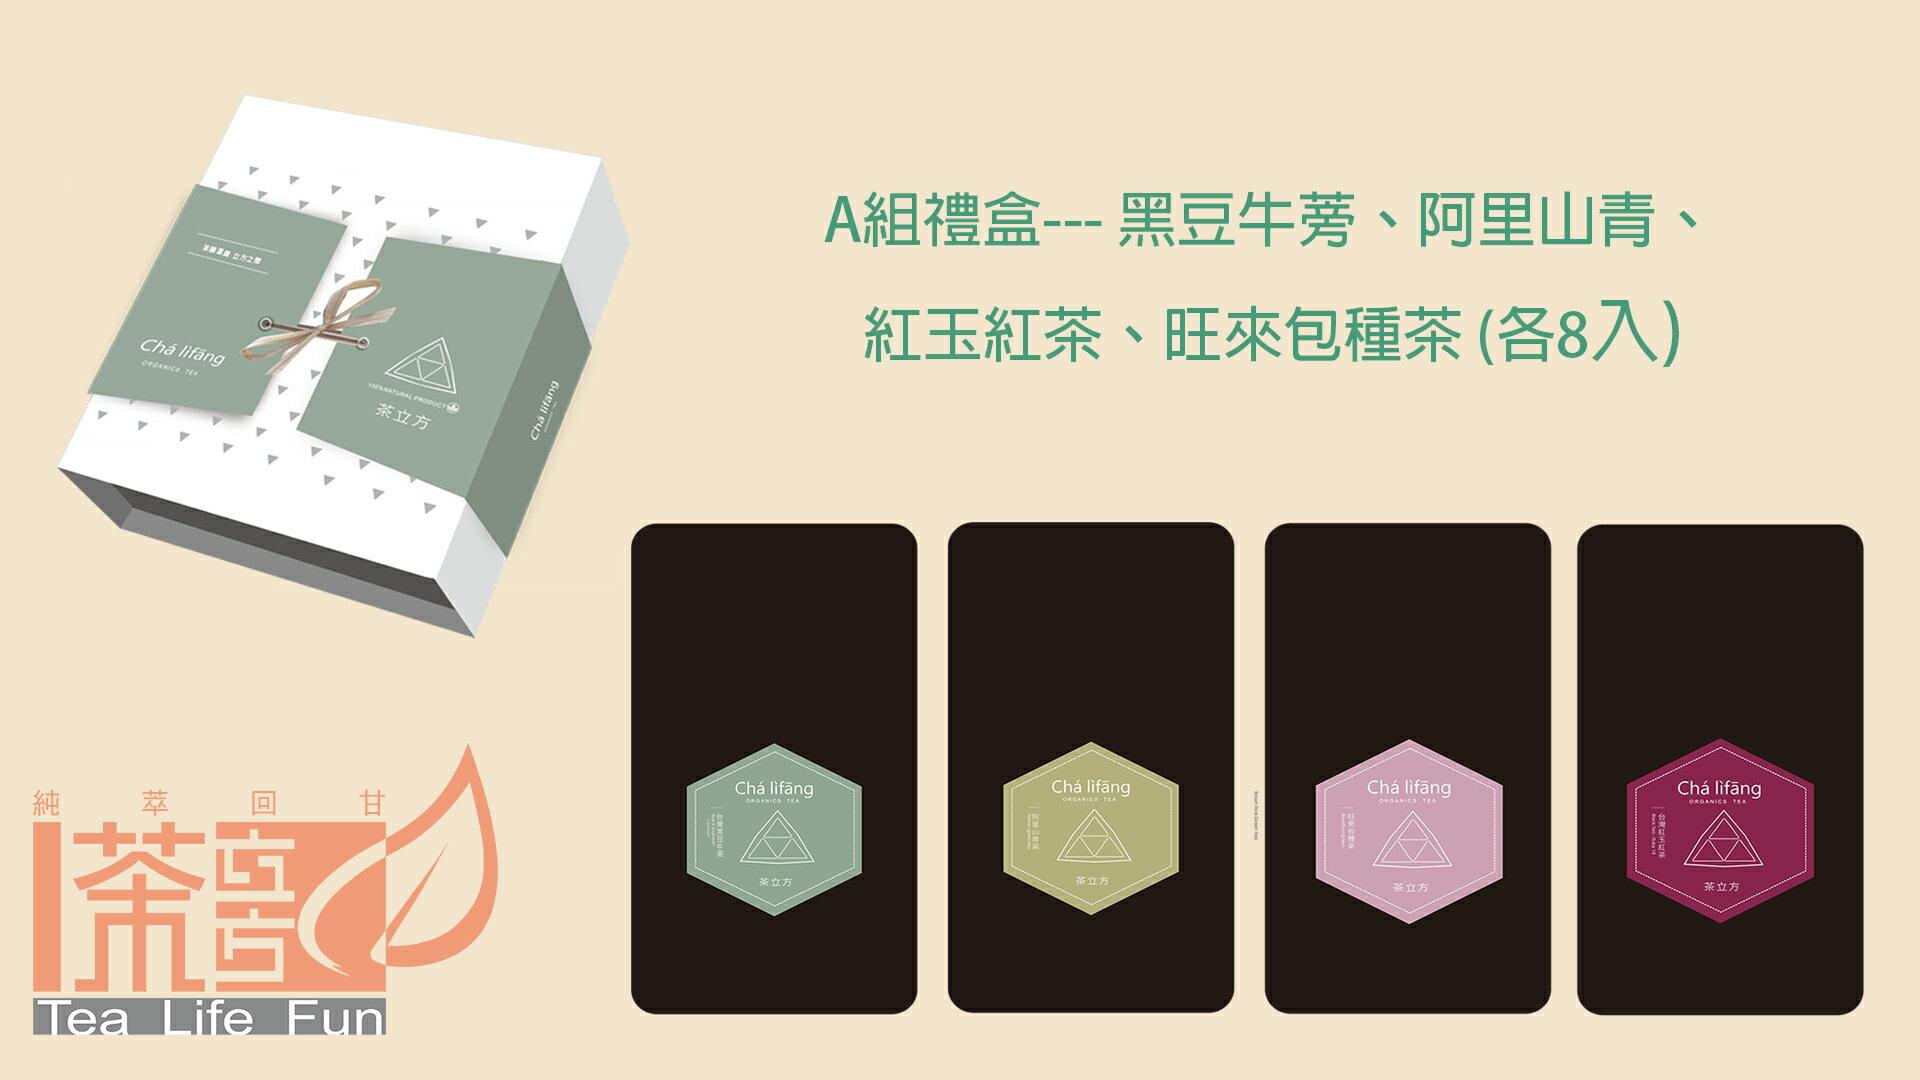 過年禮盒A組-黑豆牛蒡、阿里山青茶、紅玉紅茶、旺來包種茶(各8入,共32入)